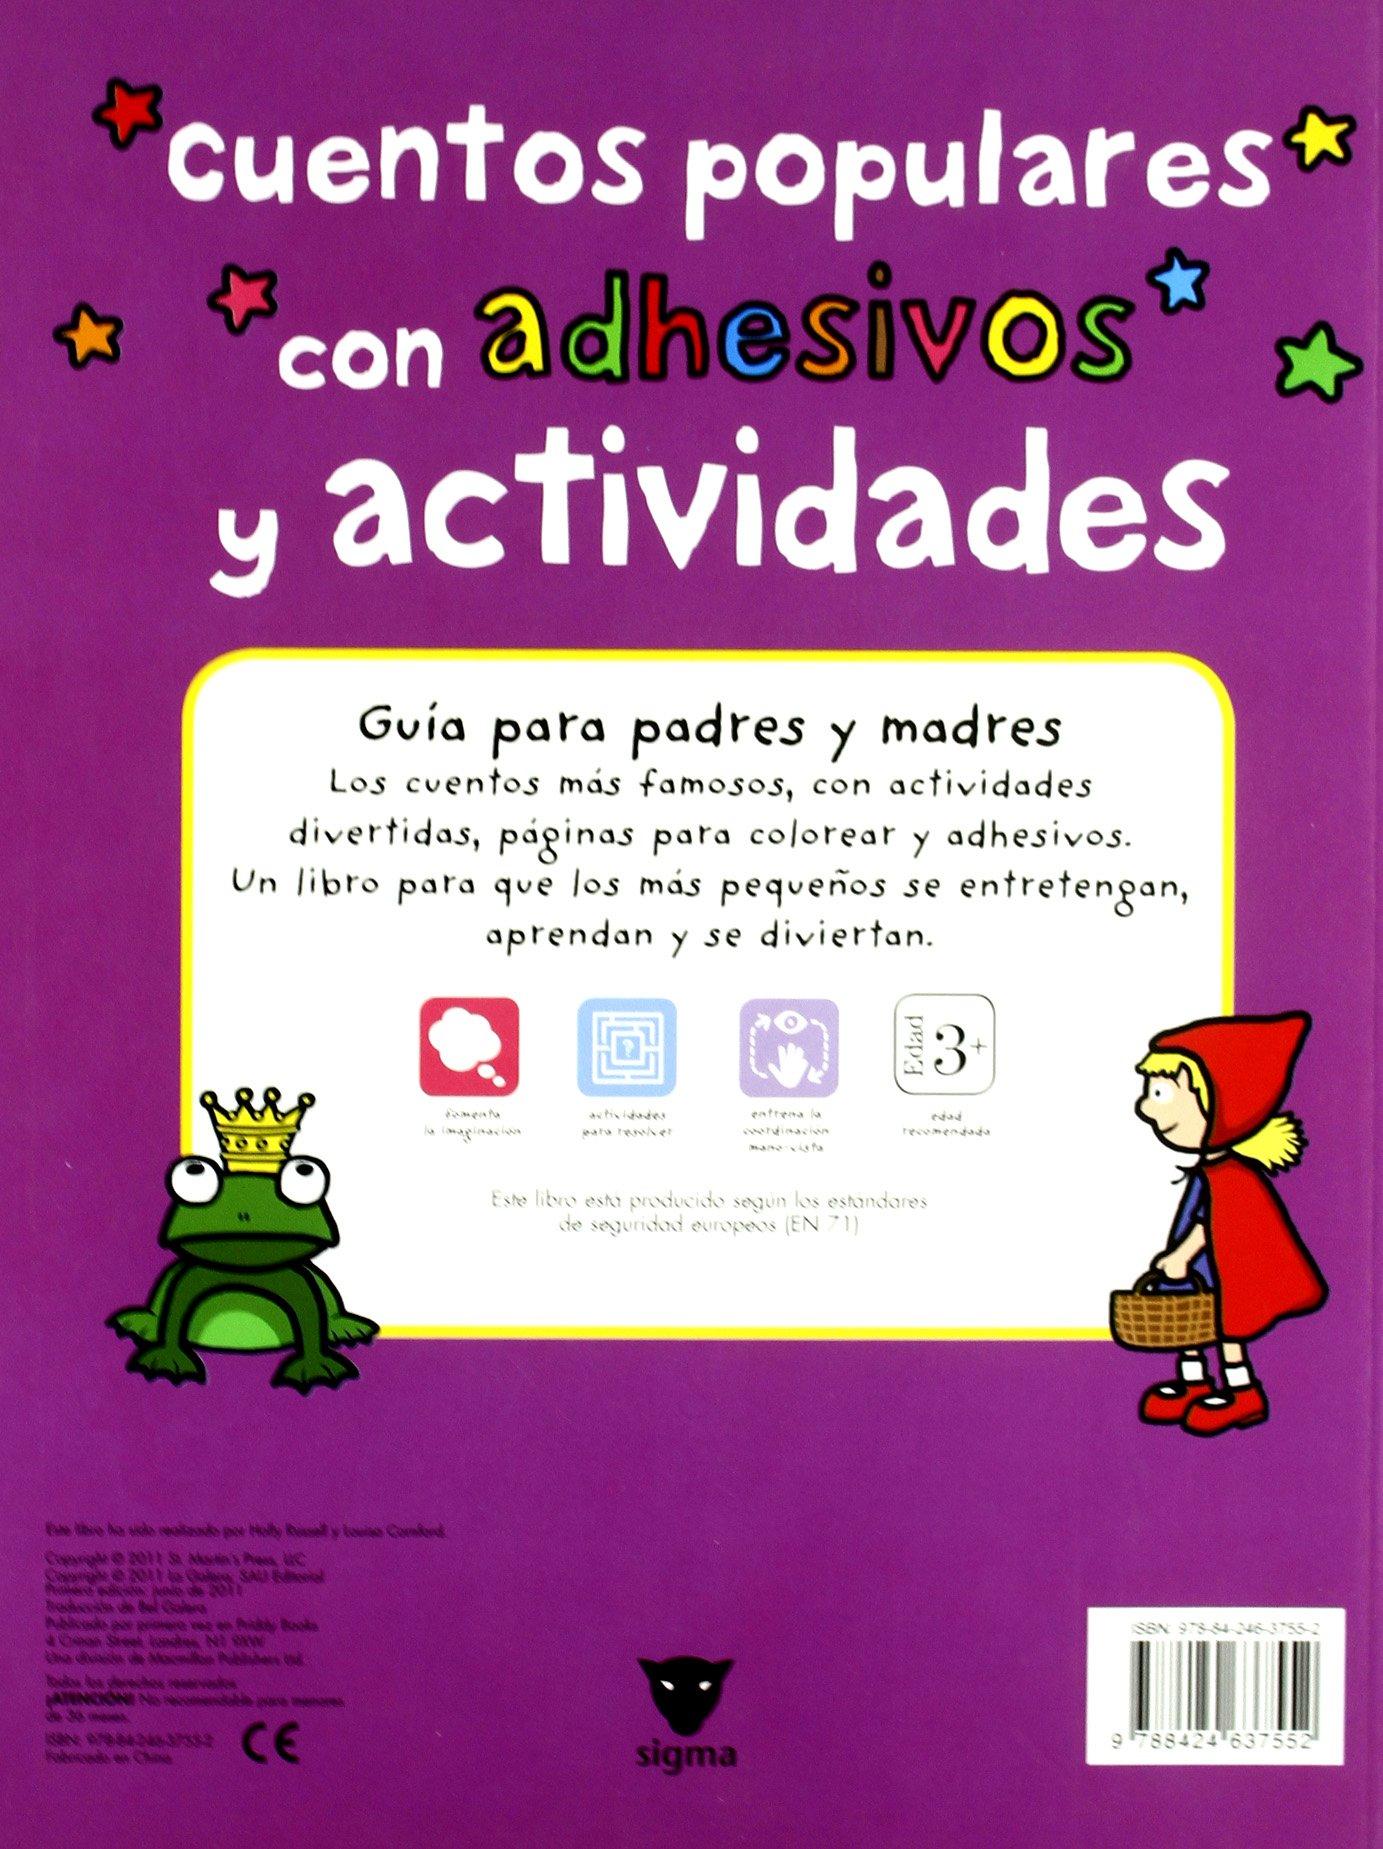 Cuentos populares: Con adhesivos y actividades Libros juego: Amazon.es: Holly Russell, Louisa Camford, Meritxell Armengol: Libros